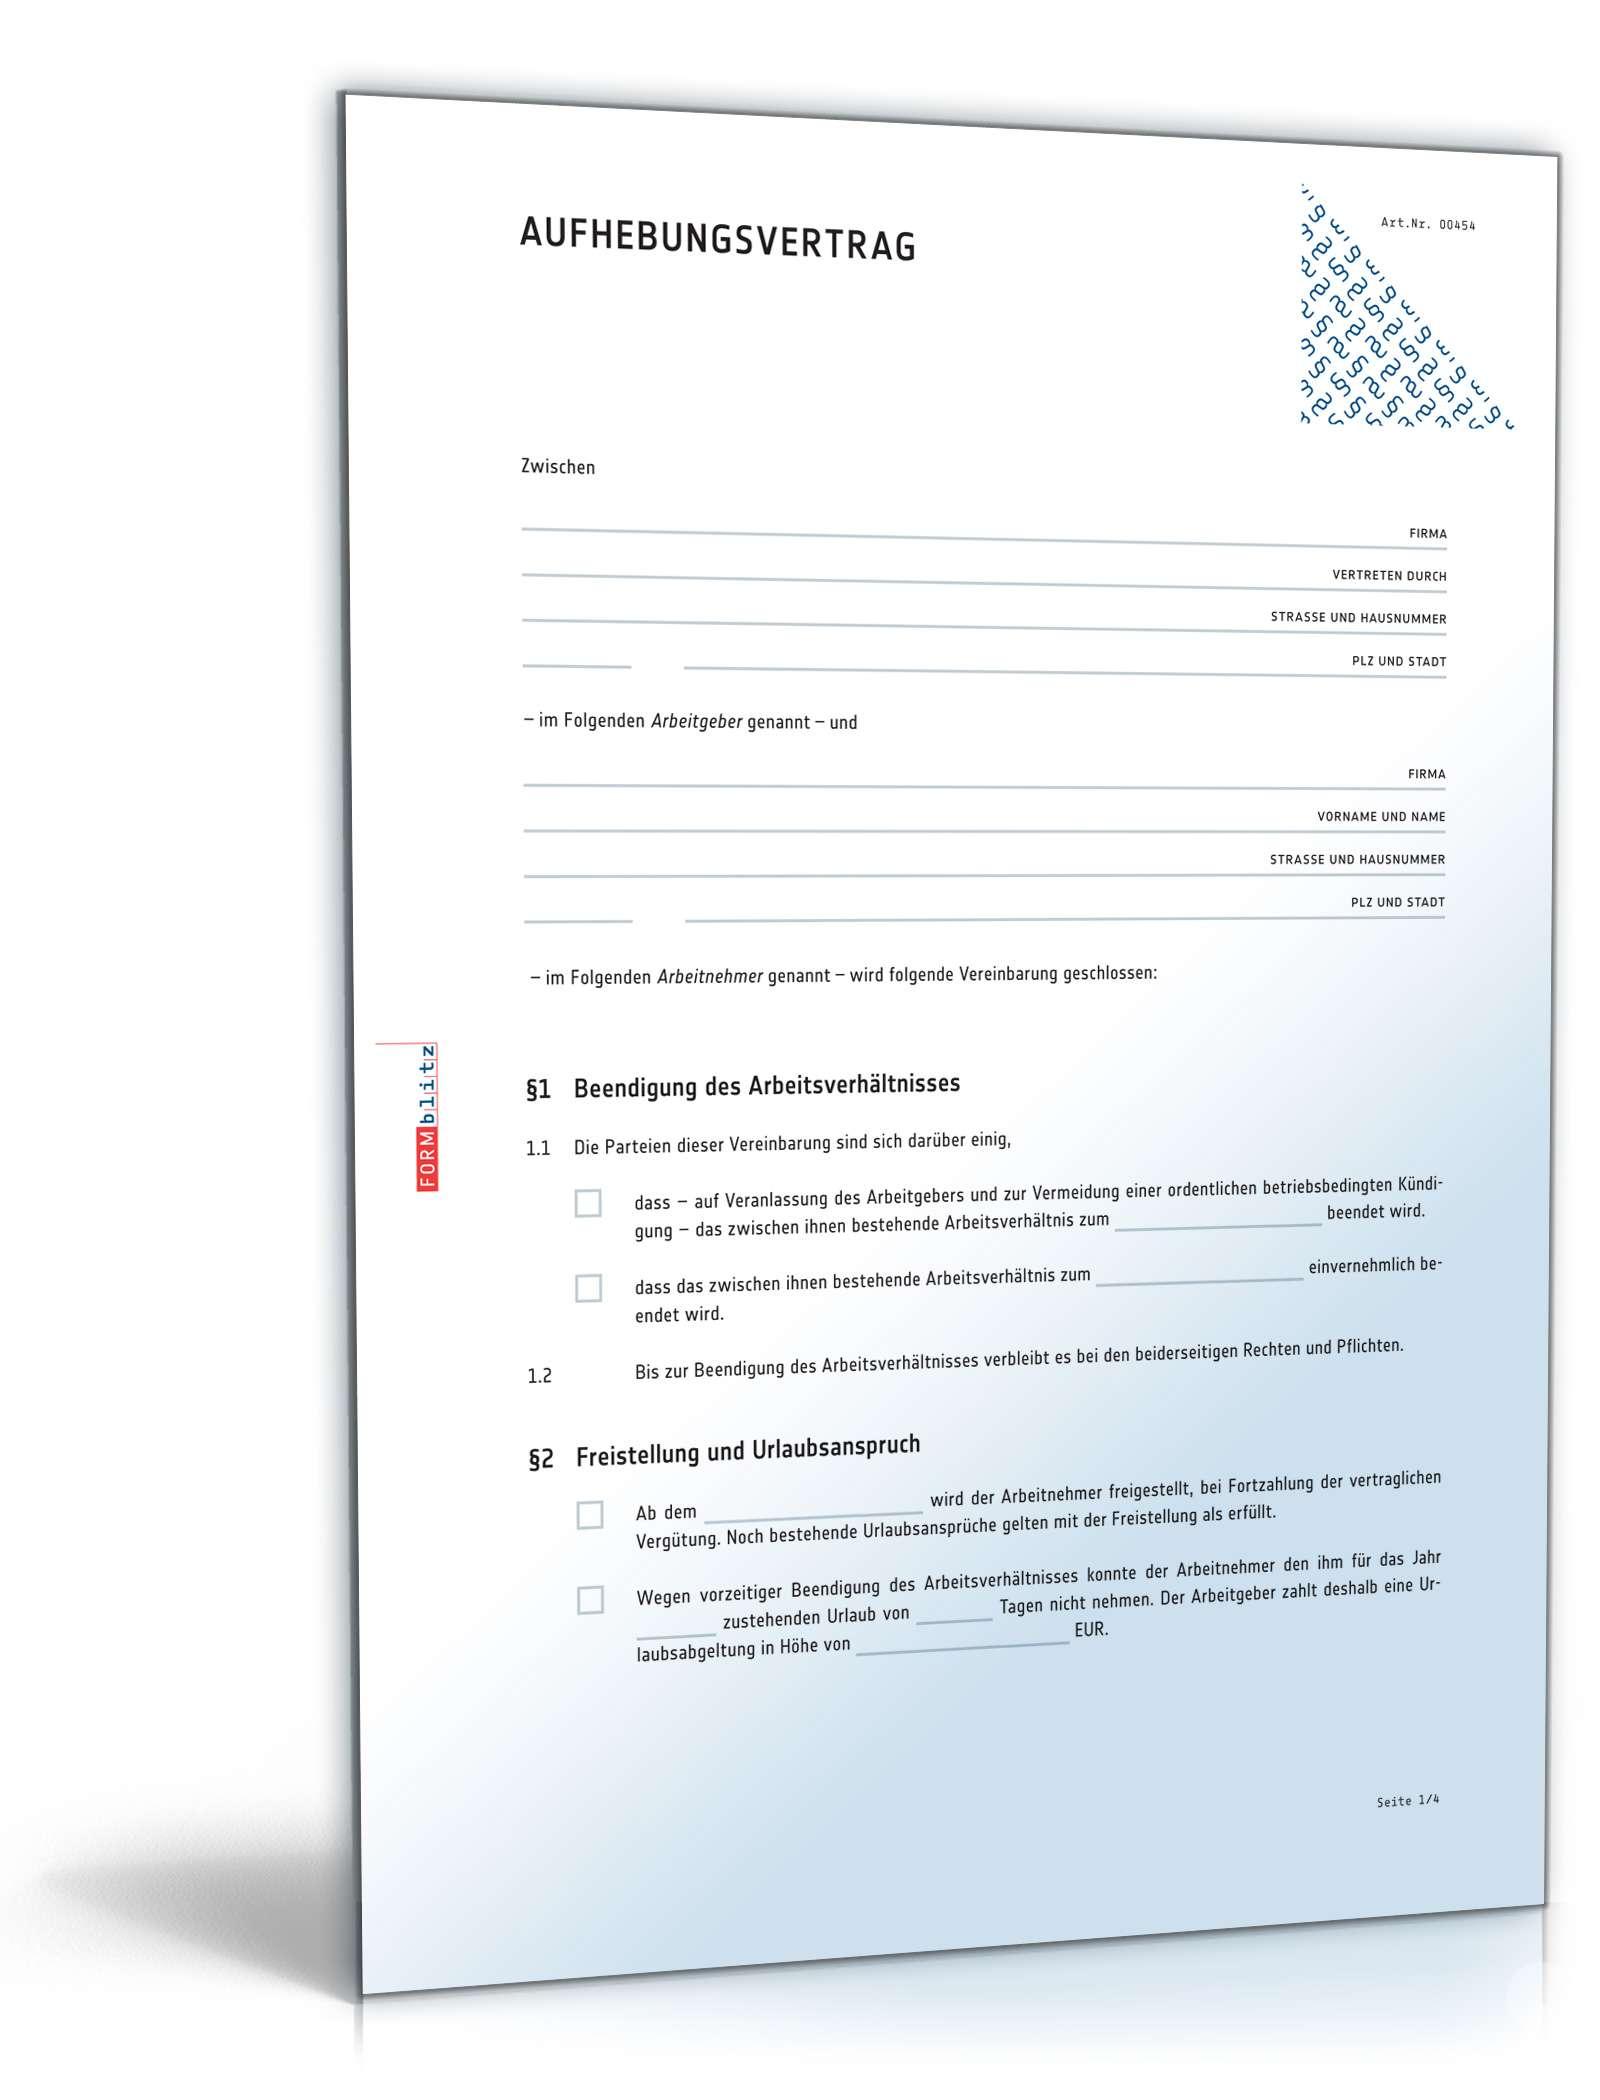 aufhebungsvertrag arbeitsverhltnis - Aufhebungsvertrag Auf Wunsch Des Arbeitnehmers Muster